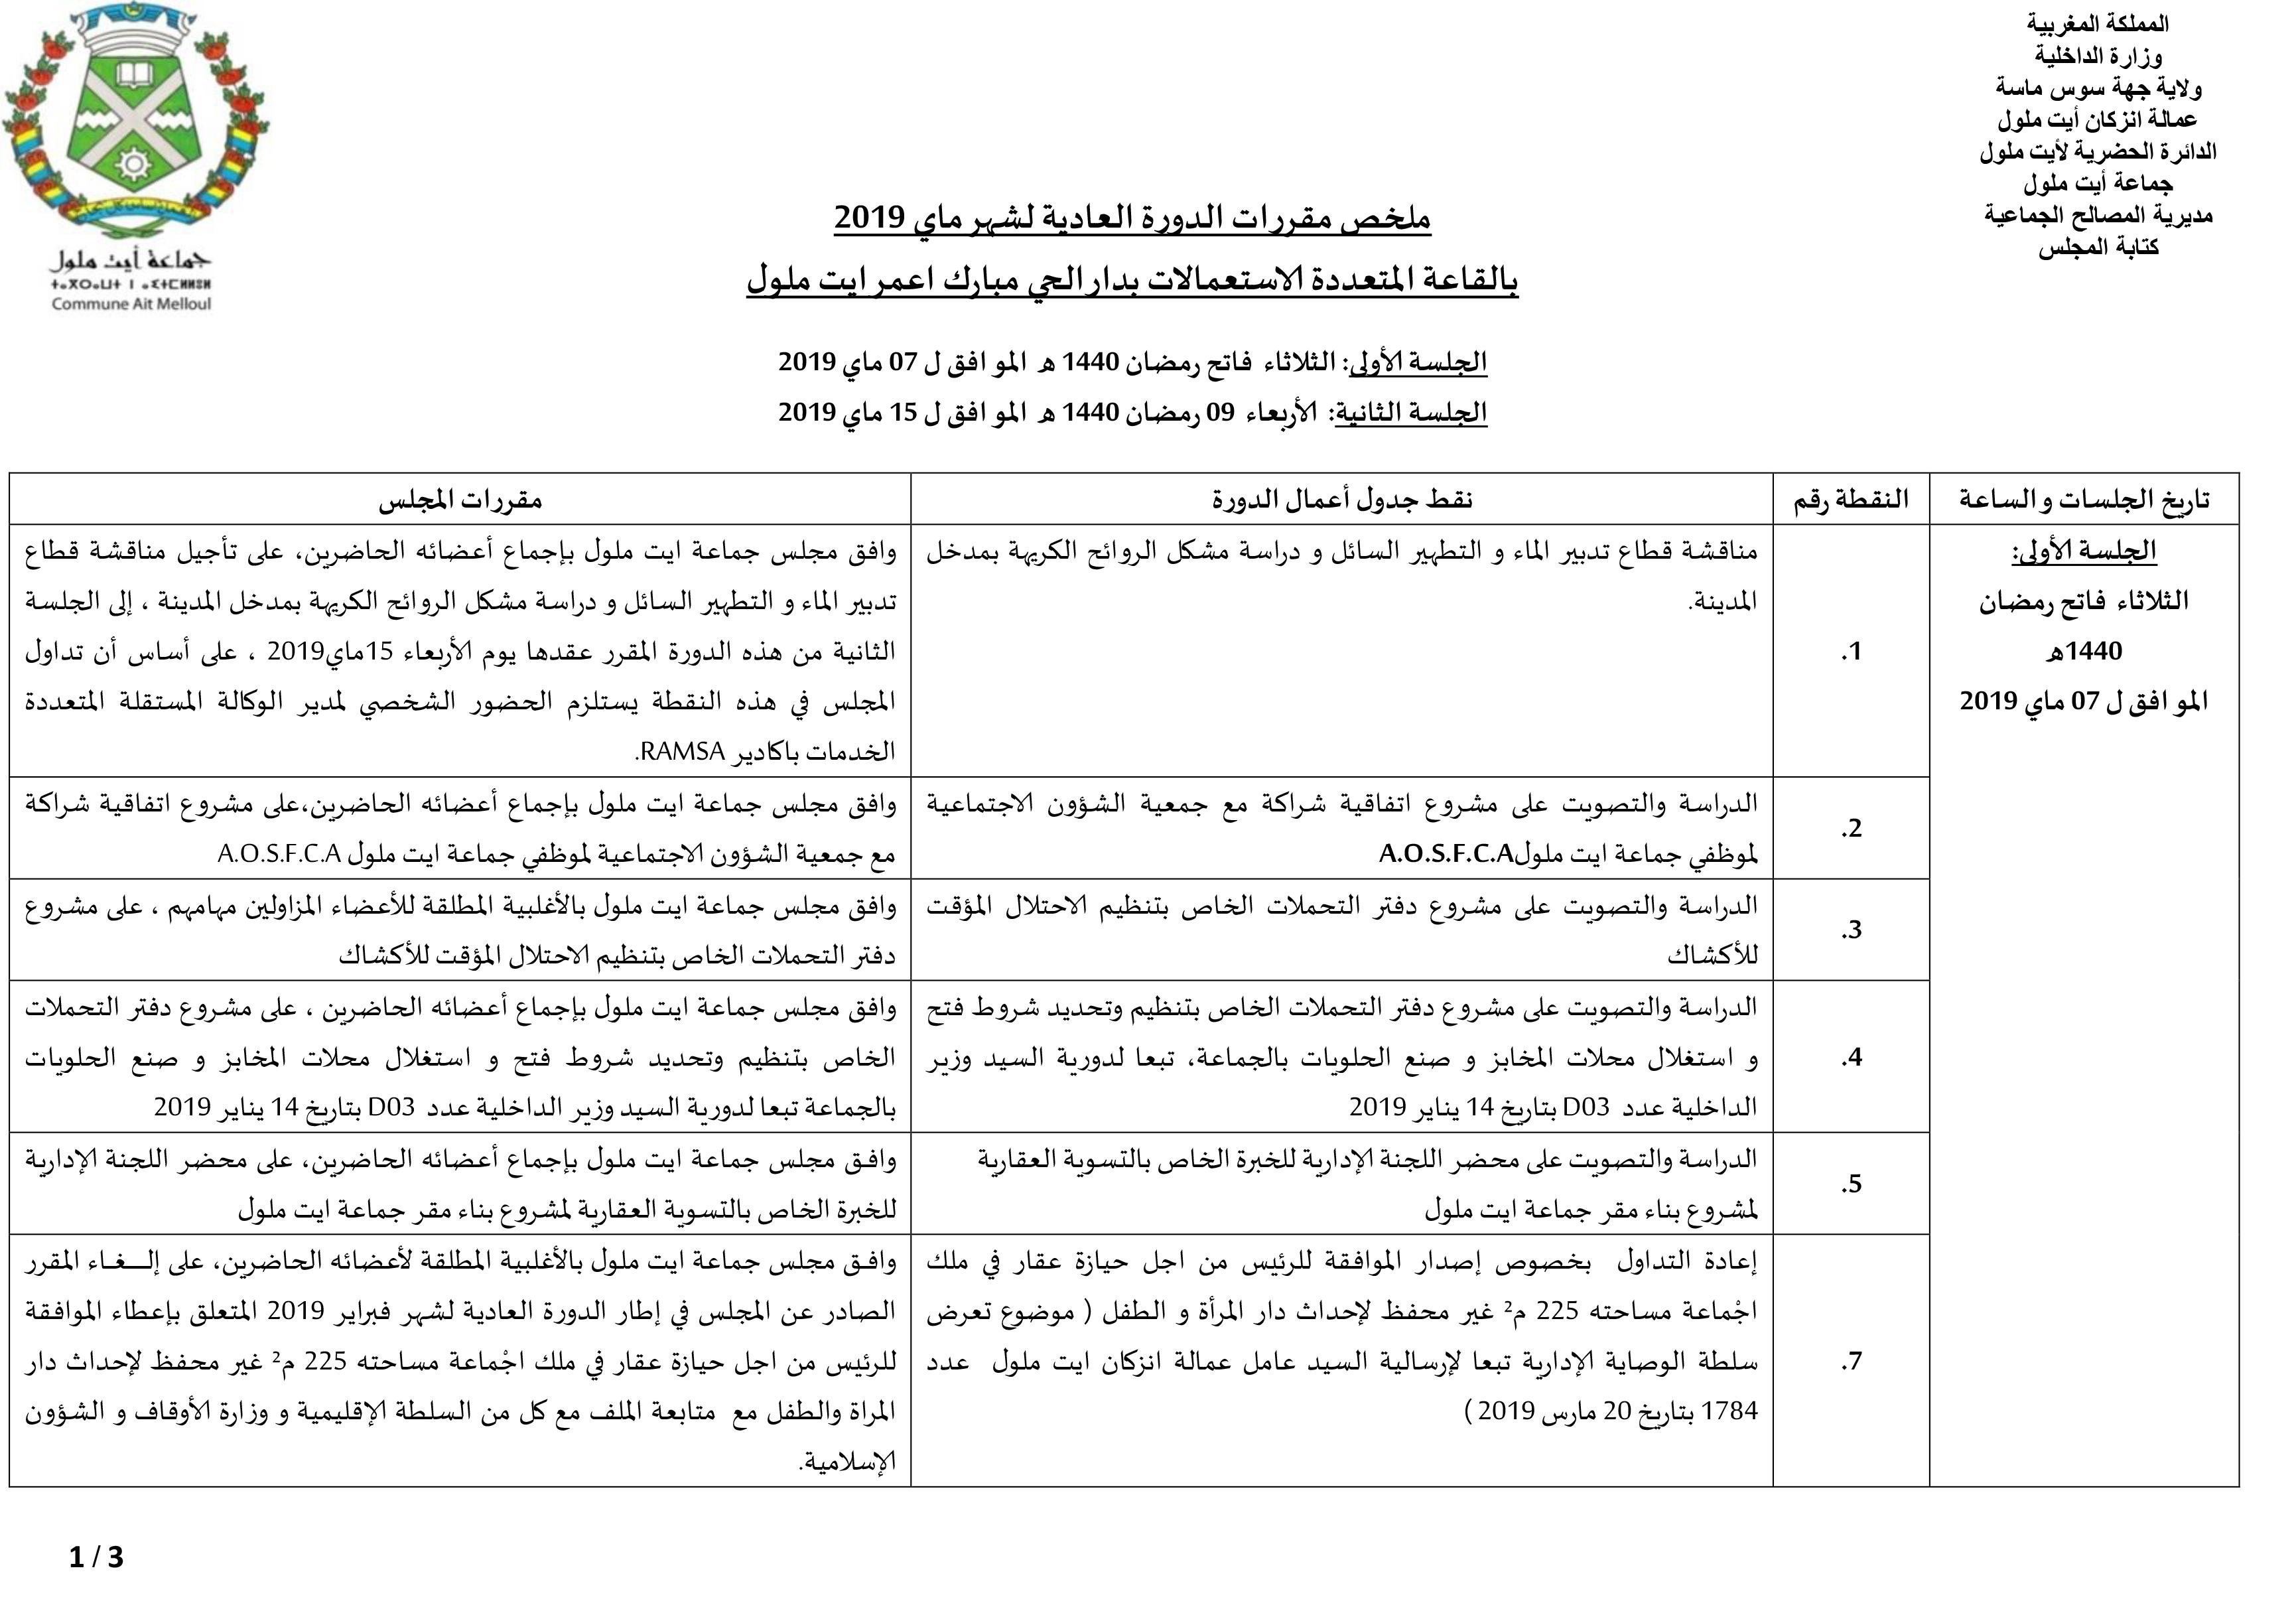 ملخص مقررات الدورة العادية للمجلس الجماعي لأيت ملول لشهر ماي 2019